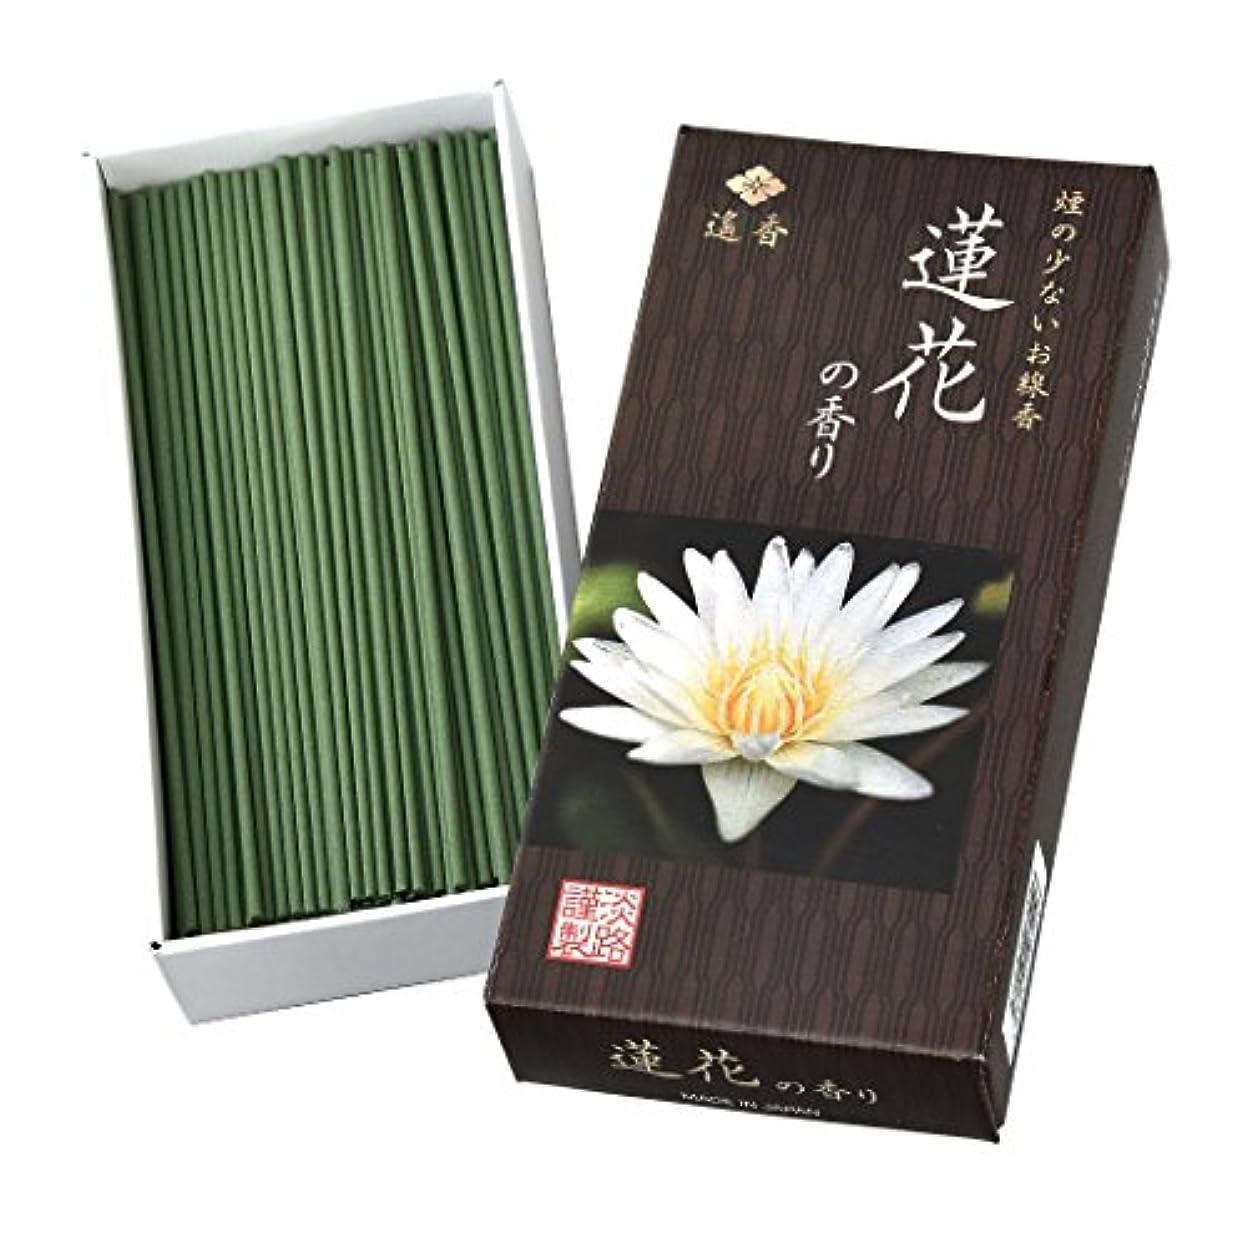 嵐集中的な仲良し良生活 遙香 蓮花の香り 3個